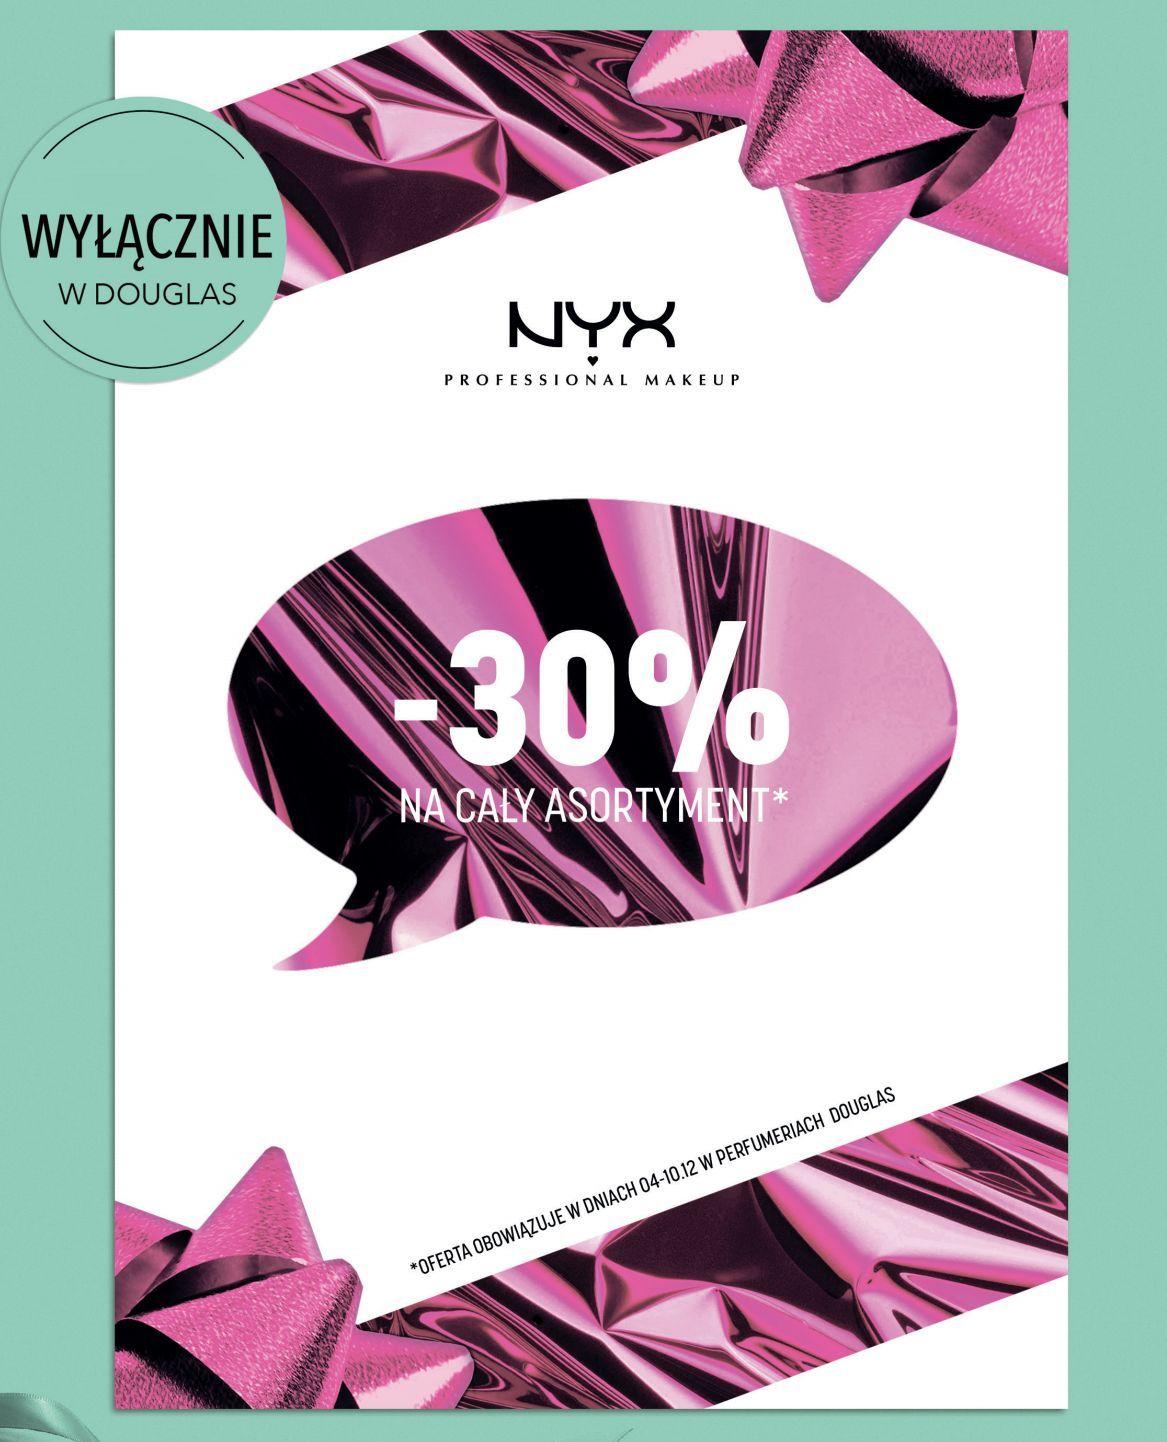 30% taniej na caly asortyment produktow marki NYX w Douglas Poznań Plaza